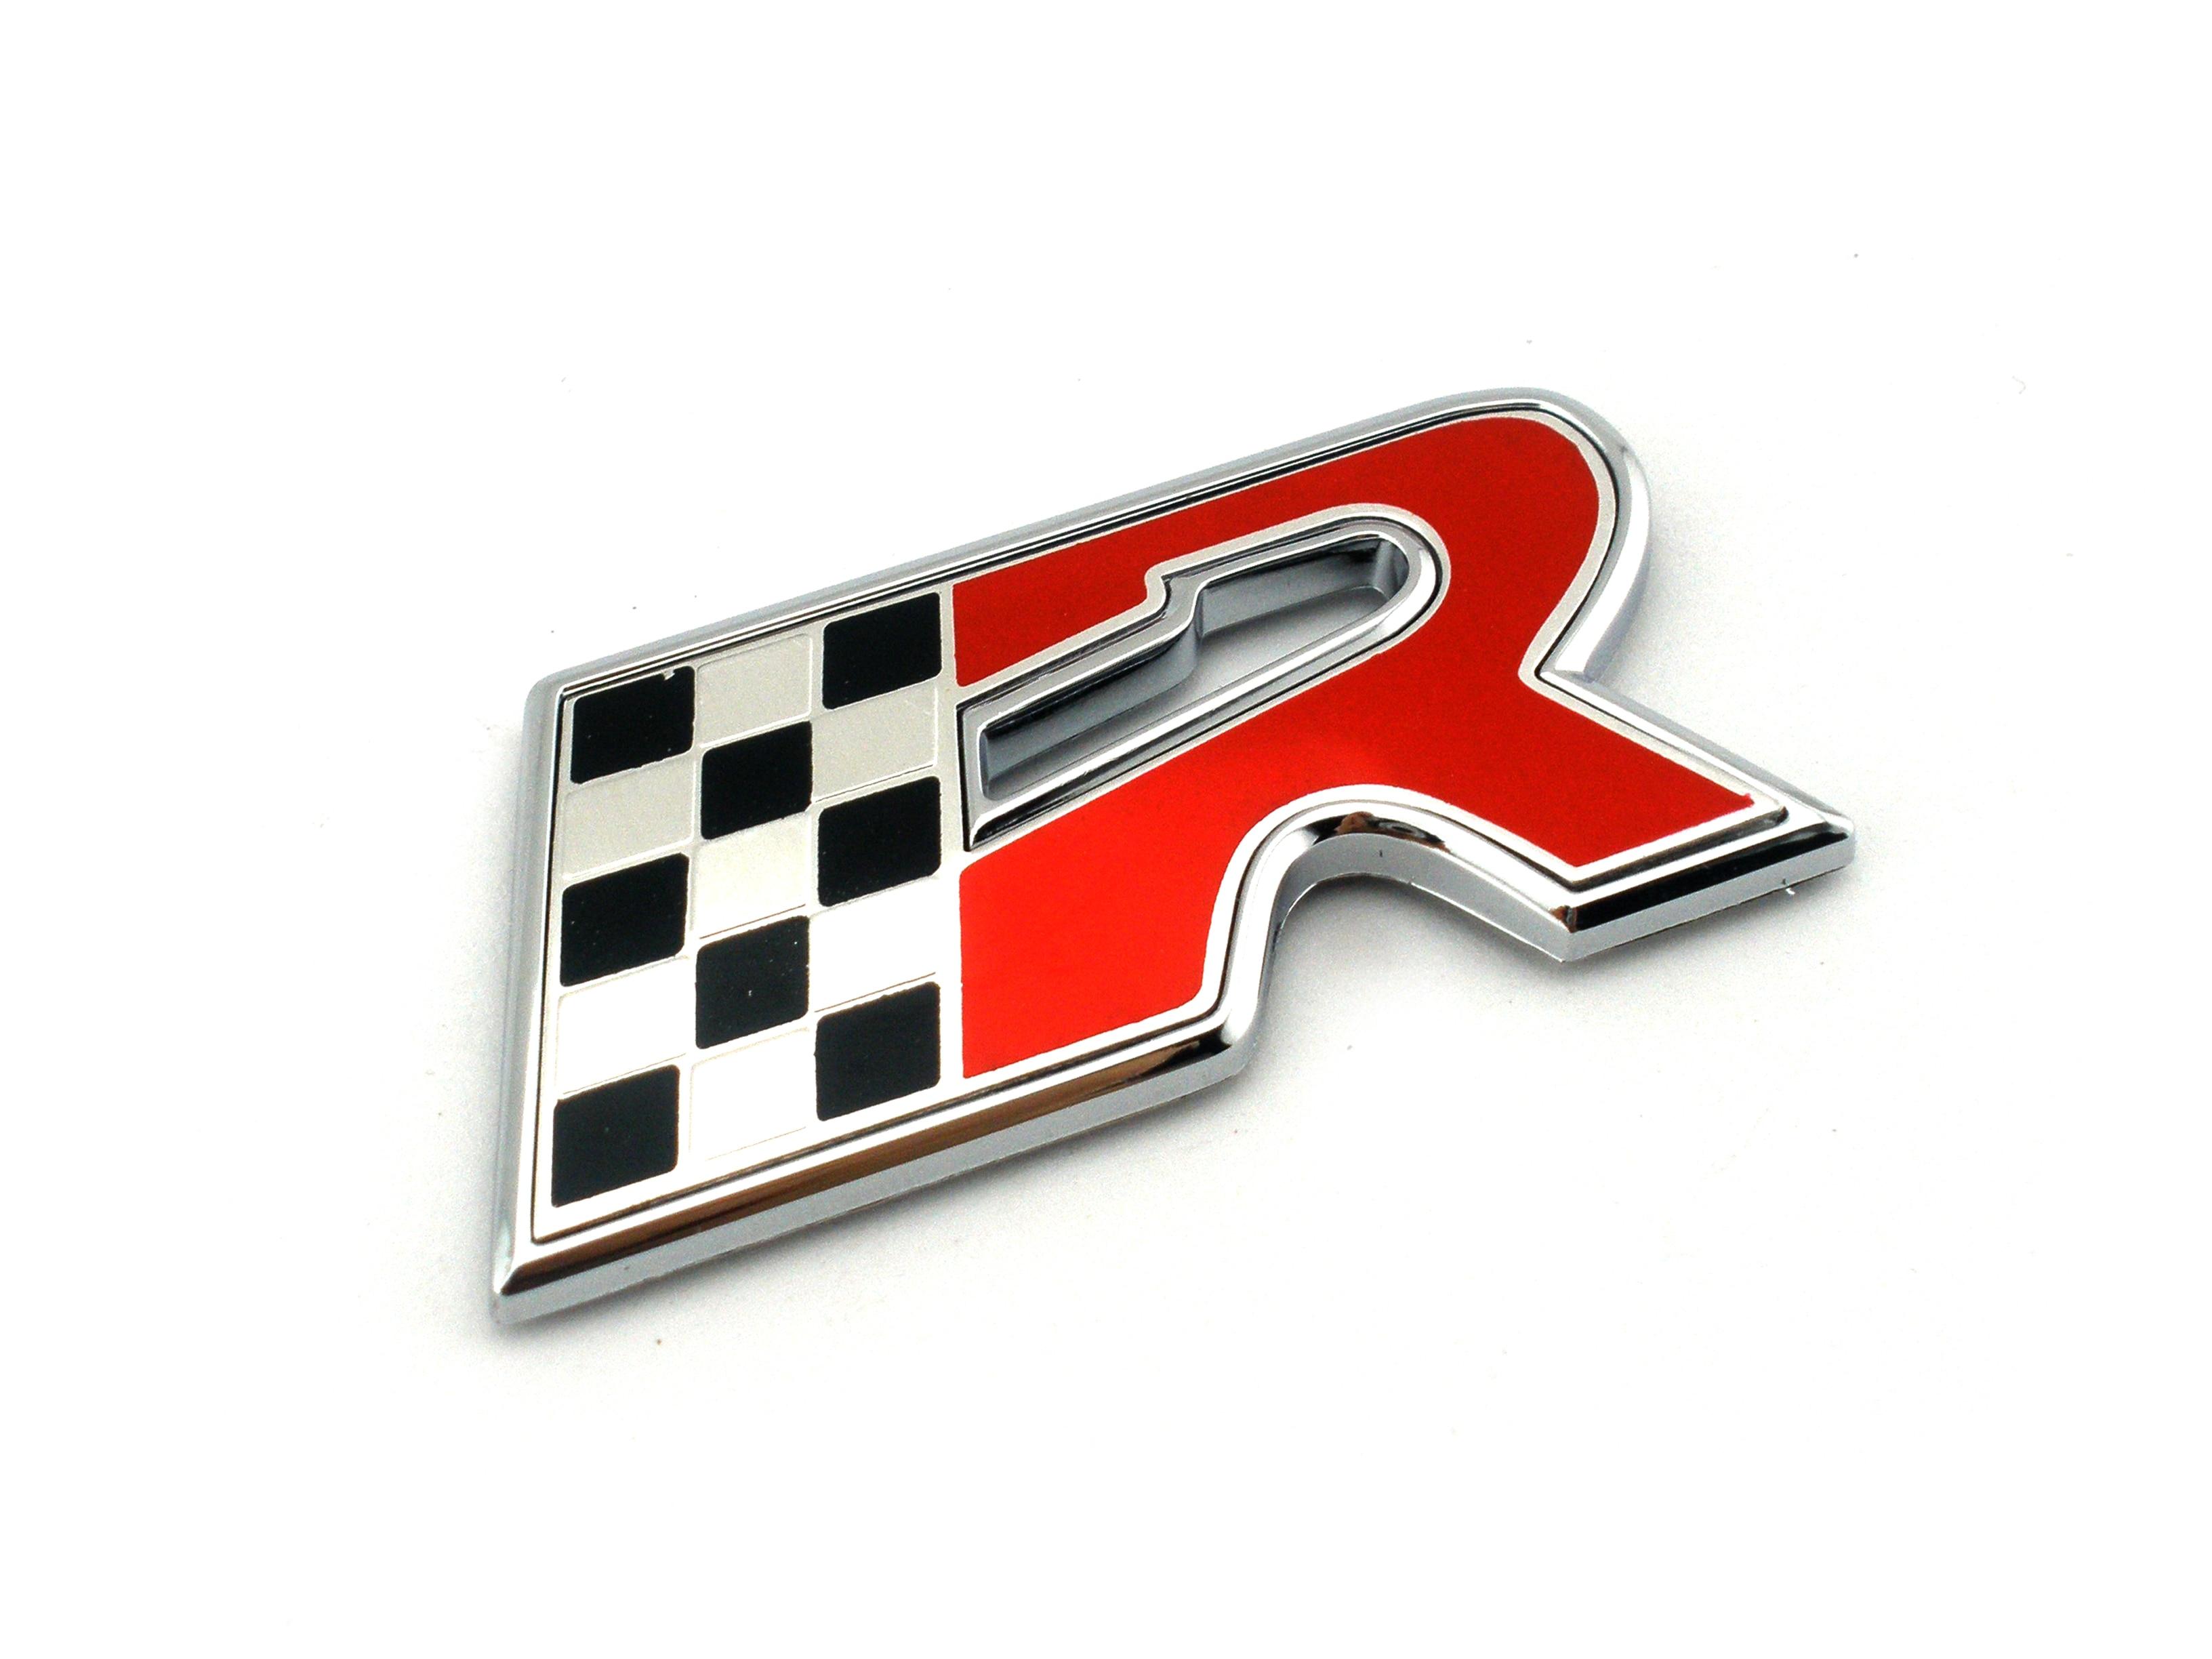 D bandera R emblema de coche insignia cuerpo guardabarros pegatina para Leon Cupra ALTEA IBIZA TOLEDO Ateca guardabarros placa de identificación trasera